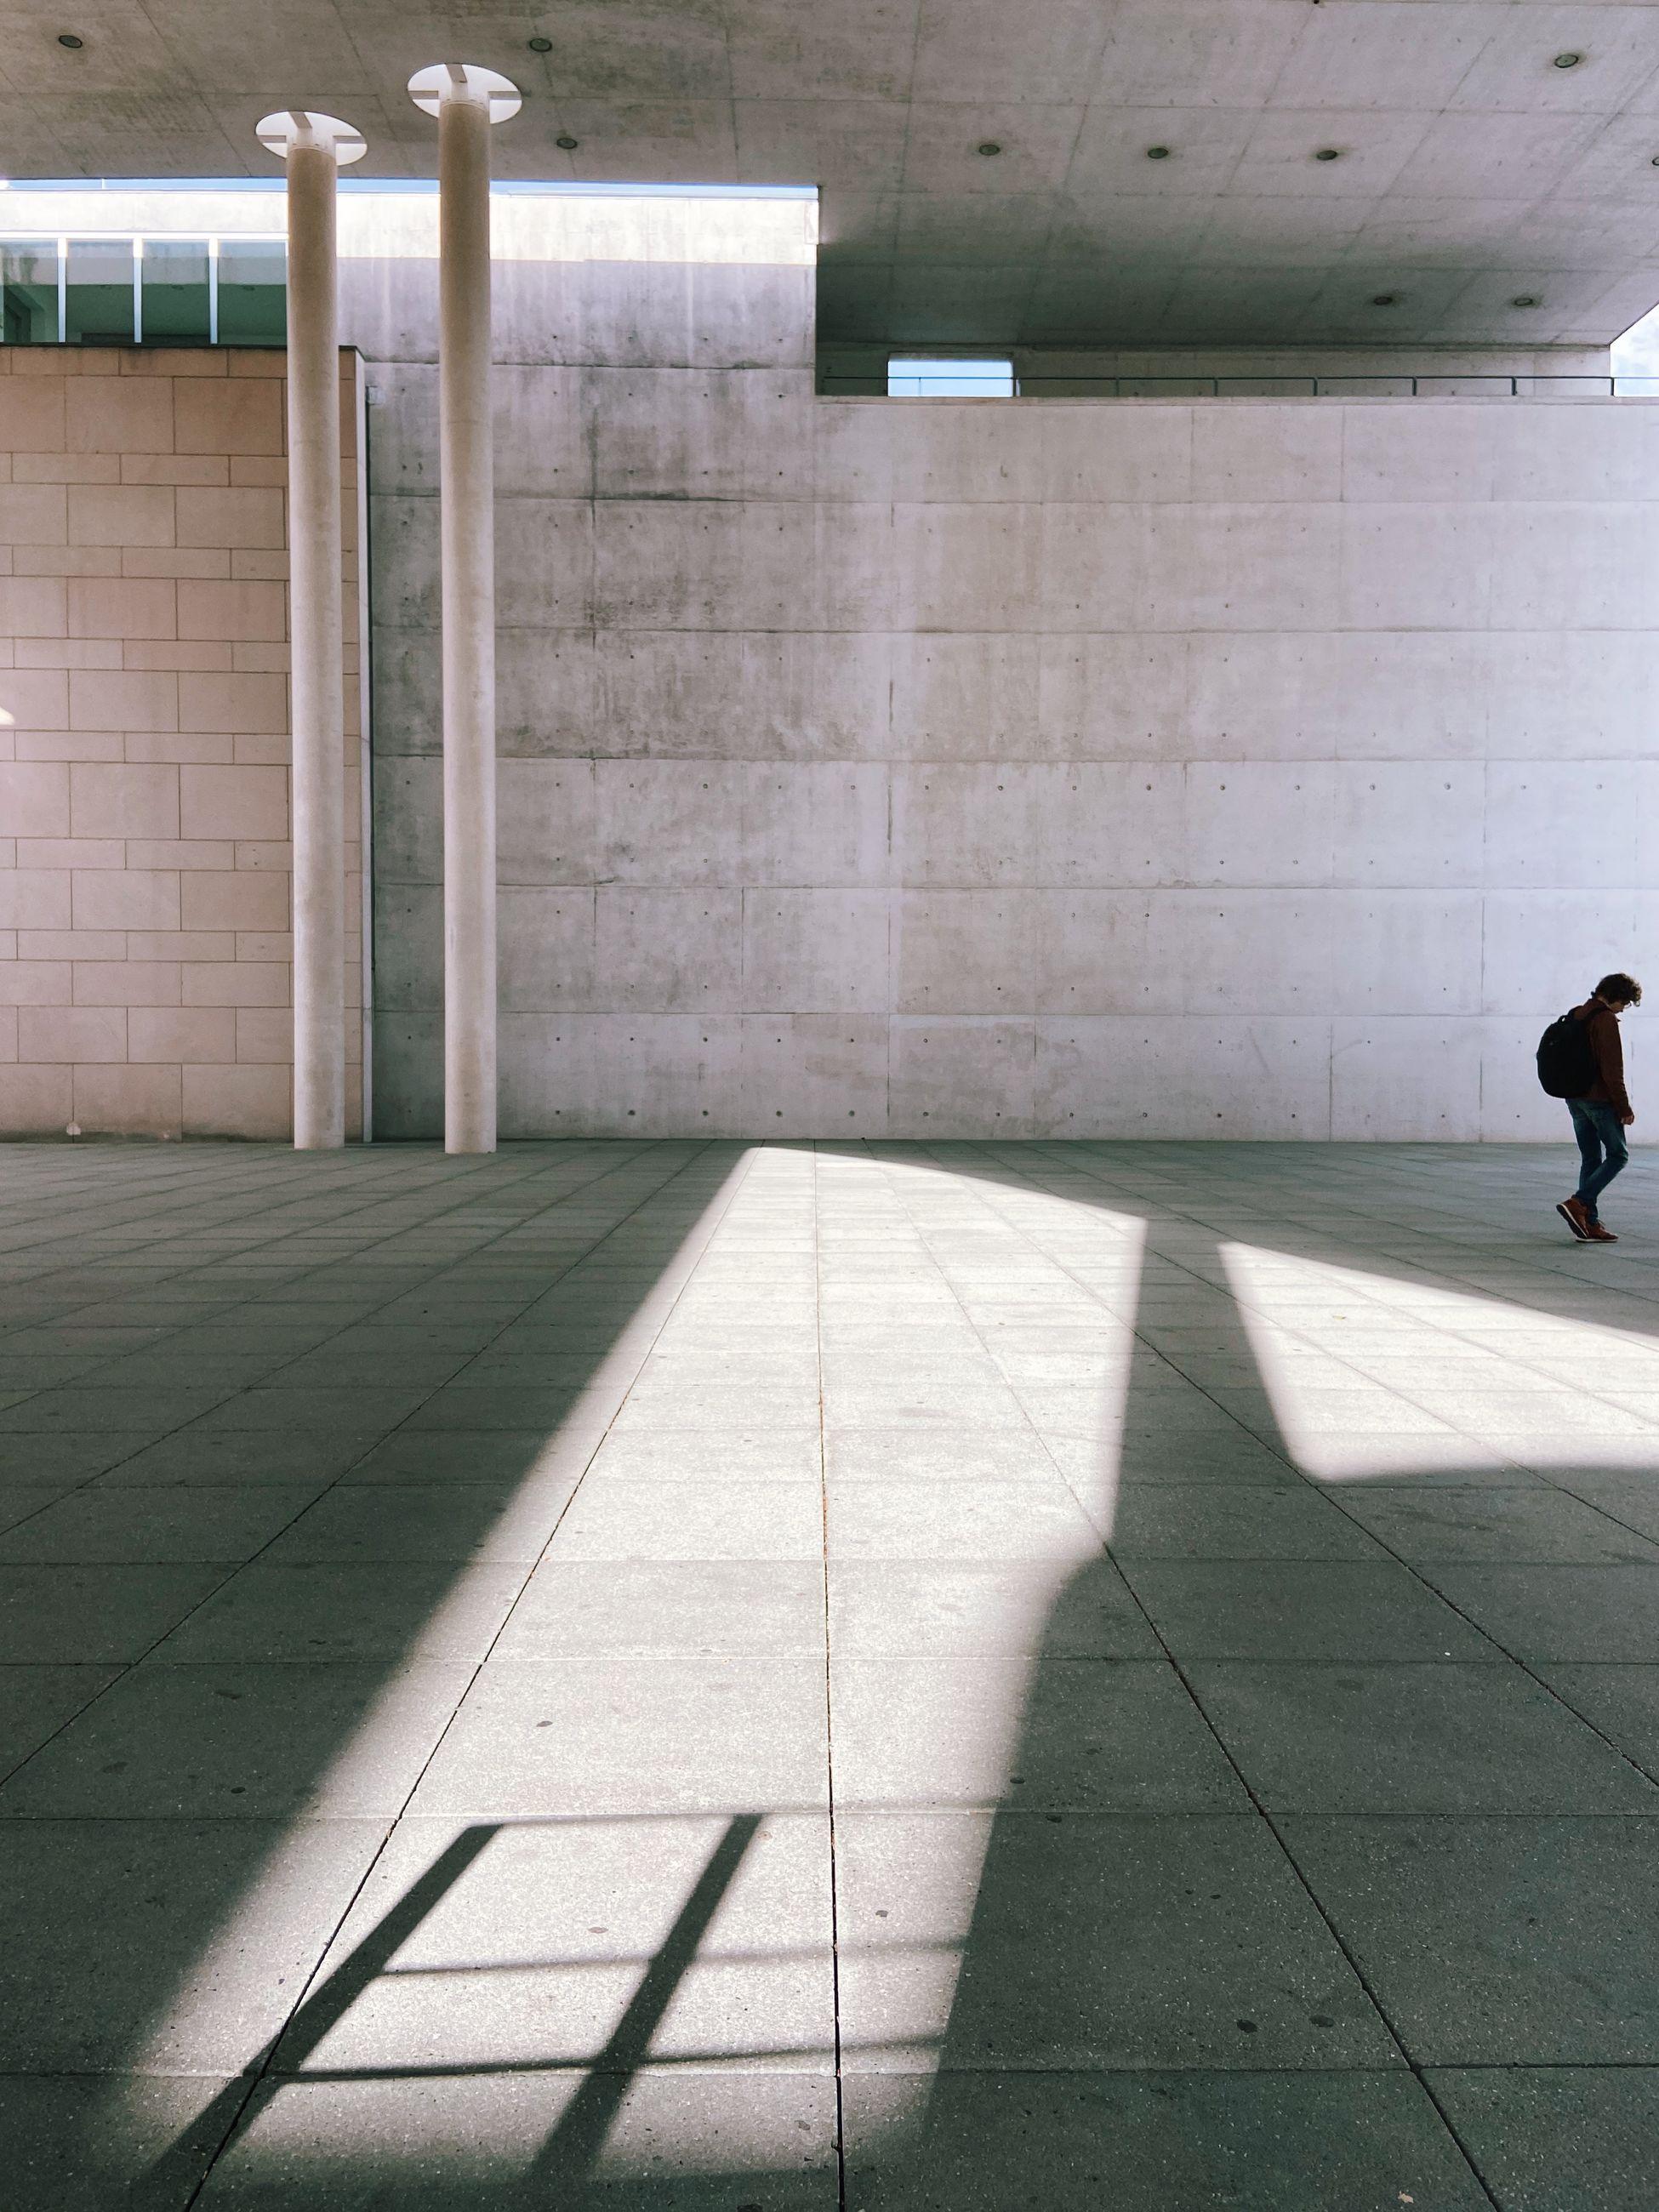 SHADOW OF MAN WALKING ON SUBWAY